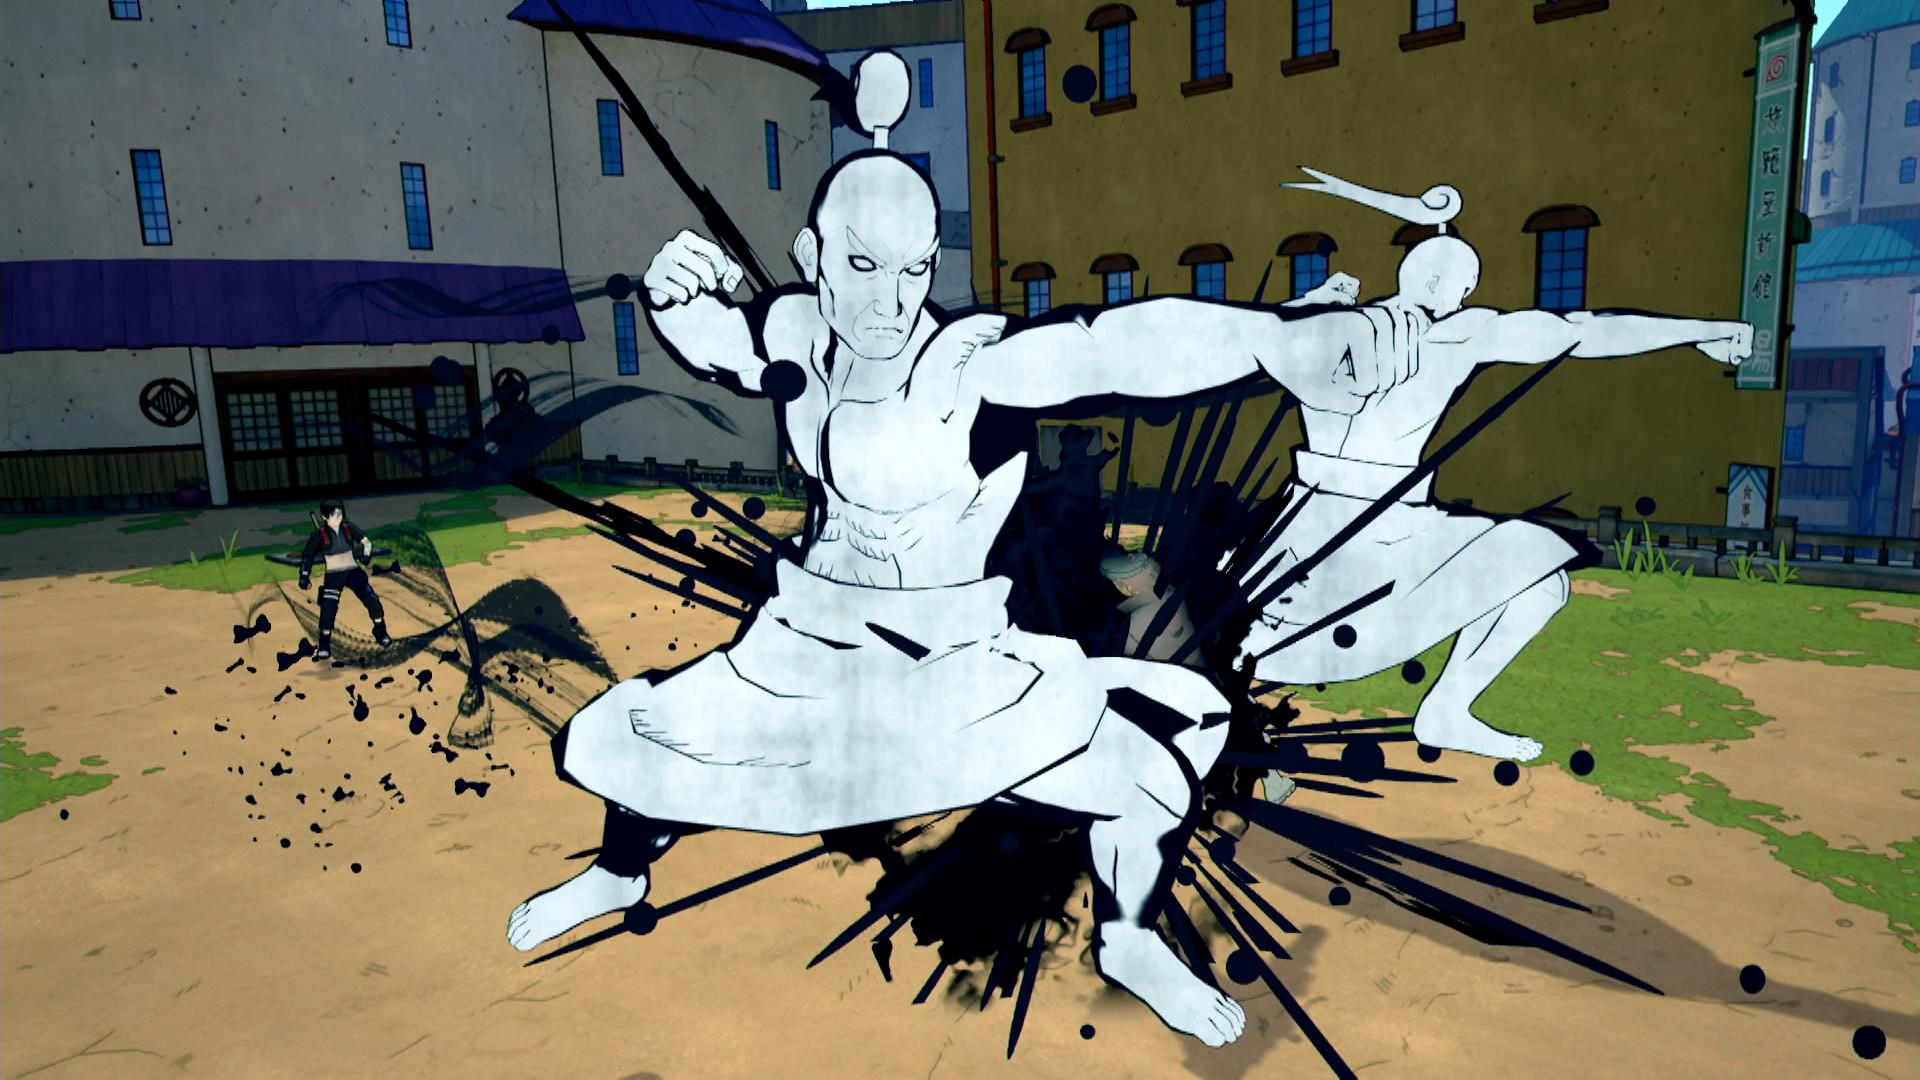 KHAiHOM.com - NARUTO TO BORUTO: SHINOBI STRIKER